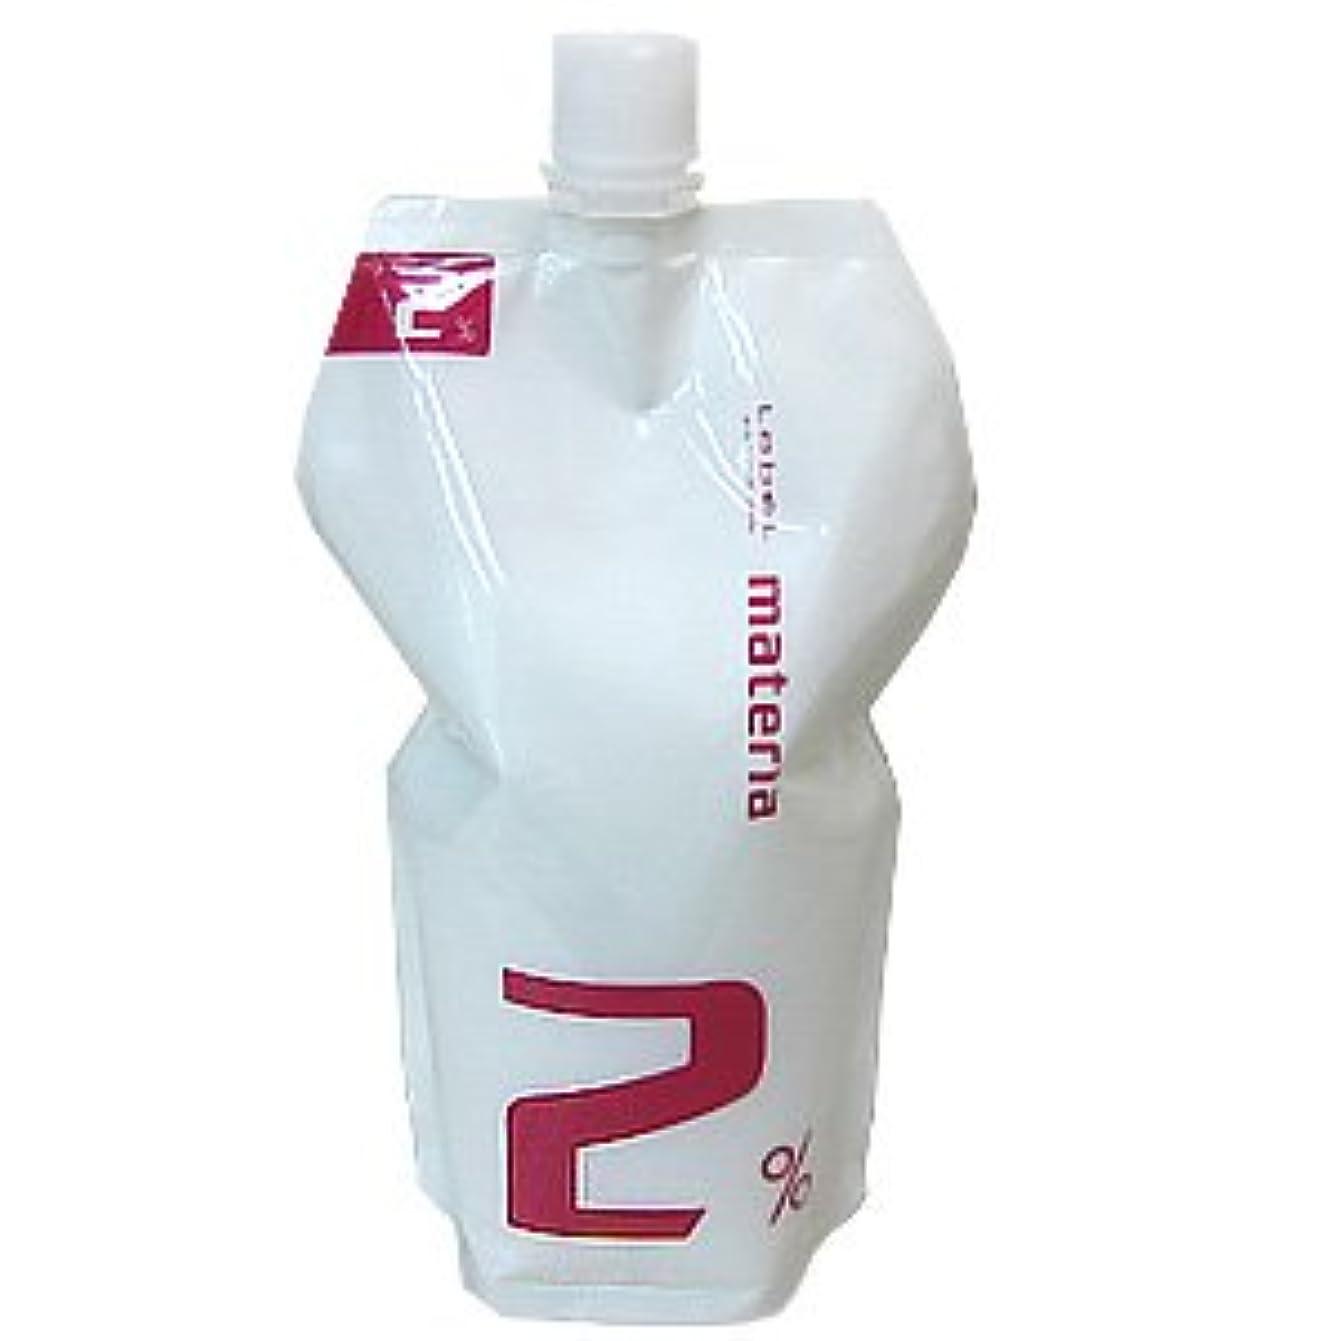 隔離鮮やかなポータルルベル マテリア オキシ 1000ml (マテリアシリーズ 共通ヘアカラー2剤) 2%